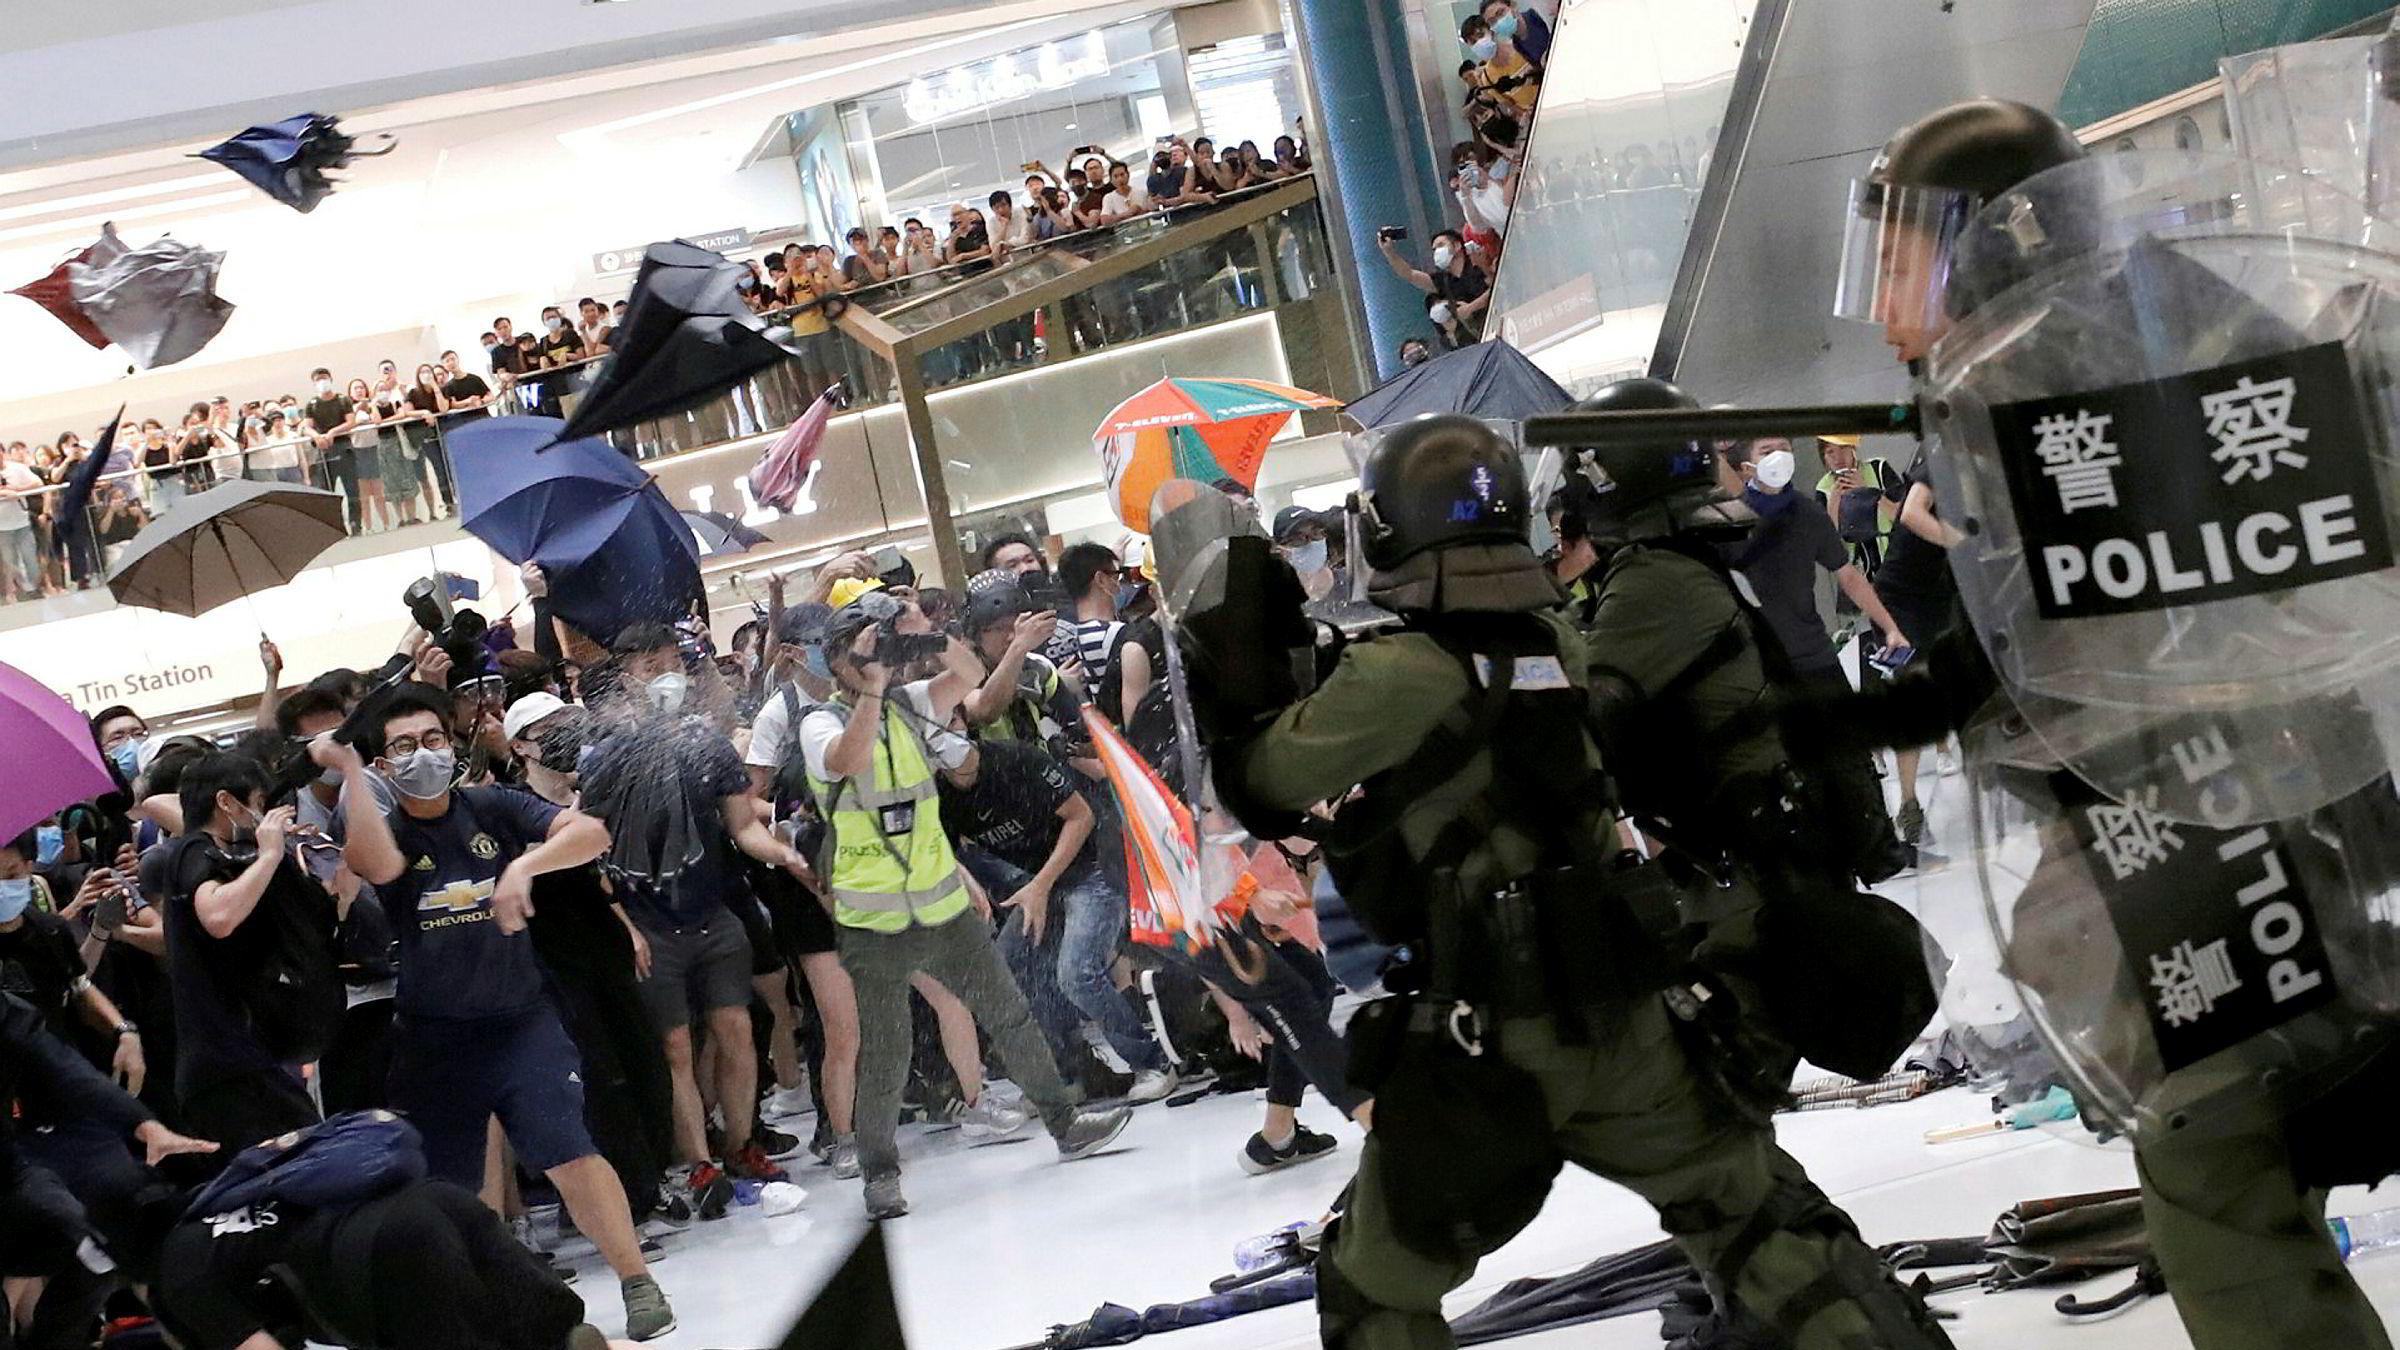 Urolighetene i Hongkong fortsetter.